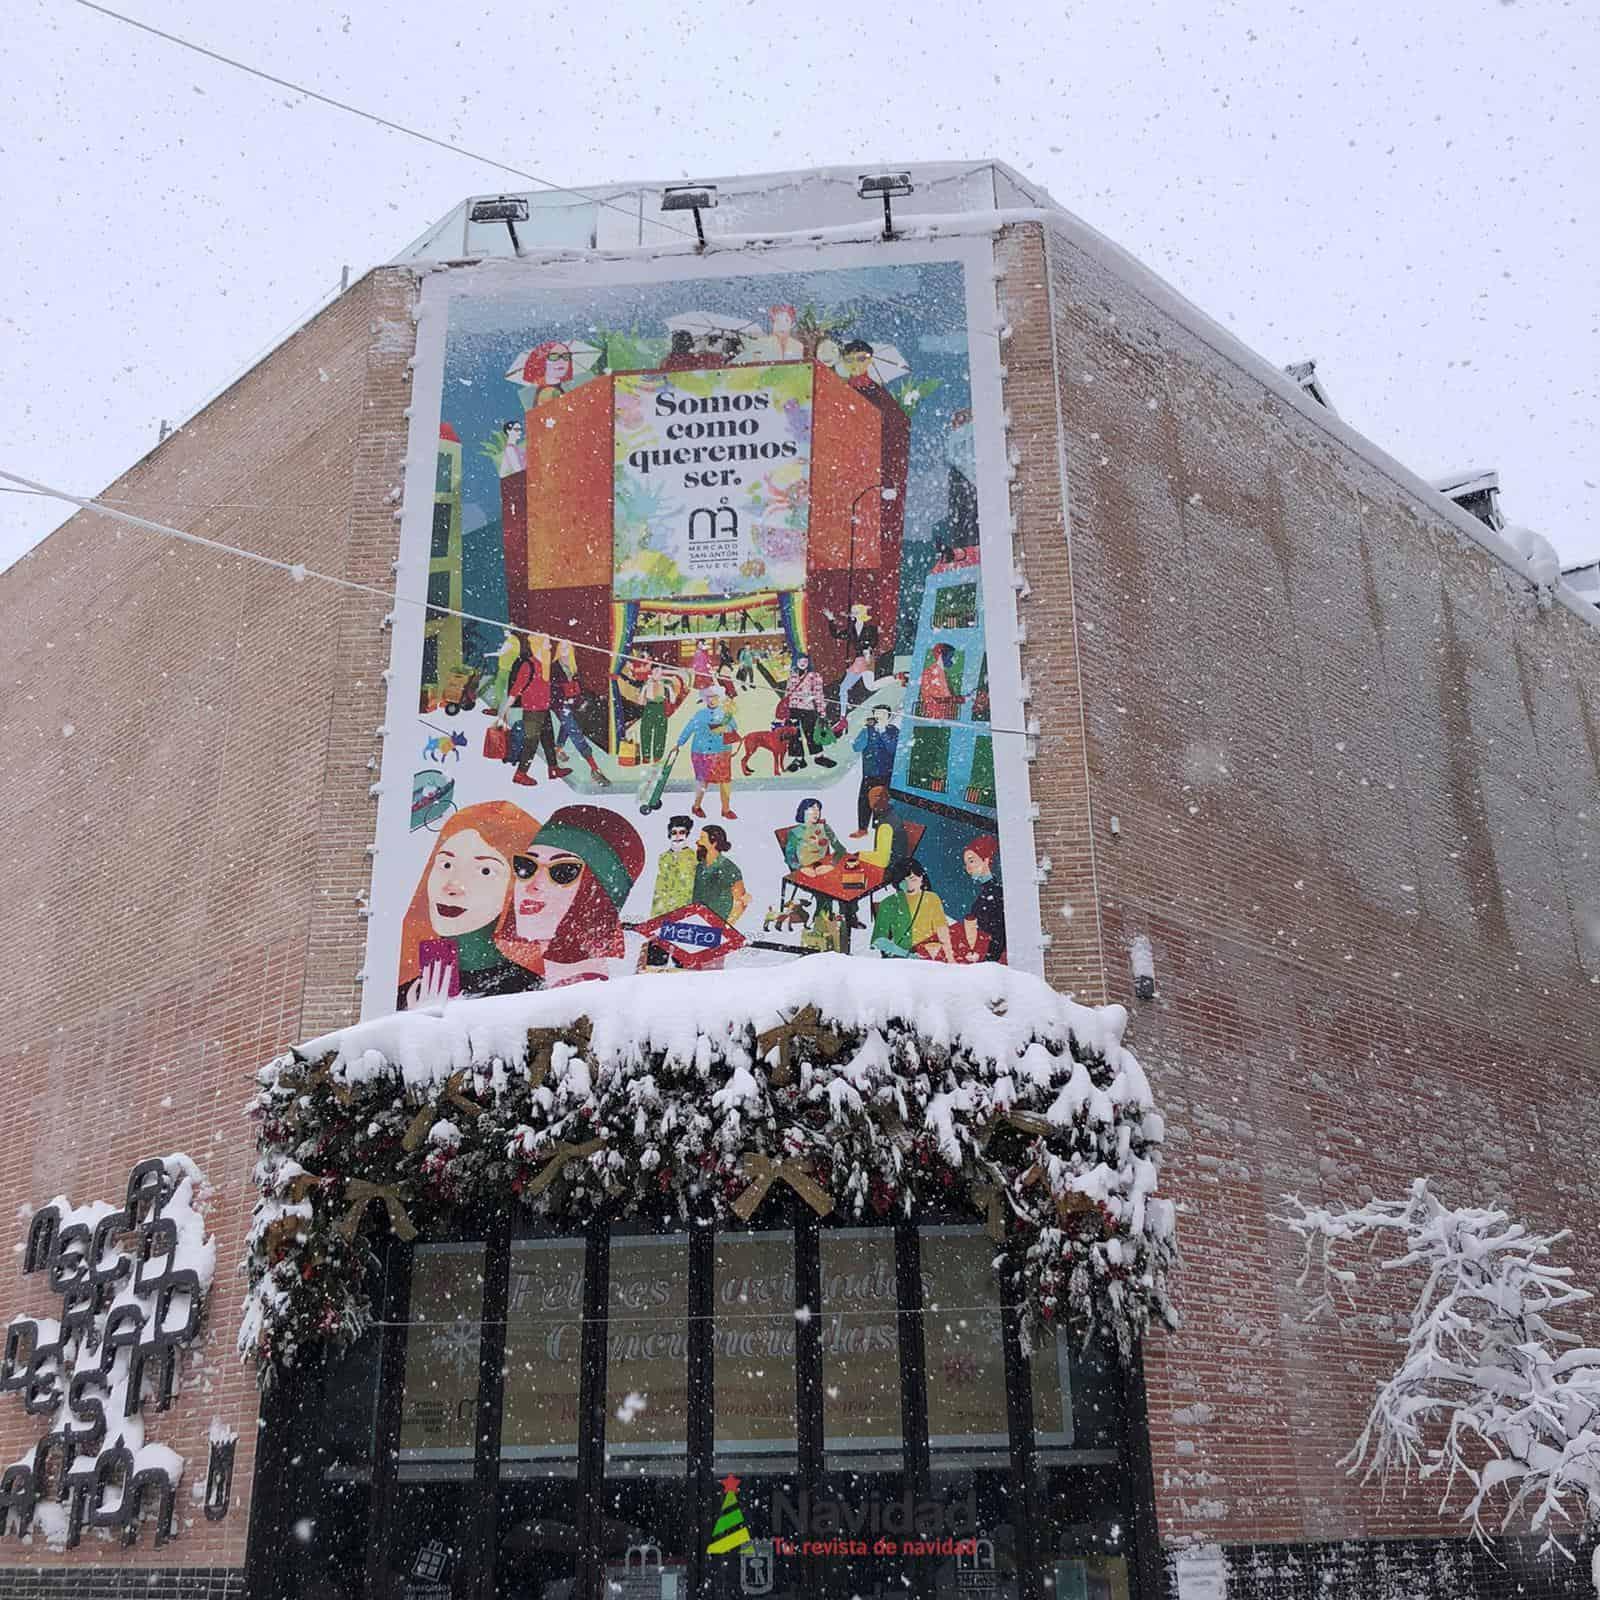 Fotografías de la nevada de enero en Madrid (España) 112